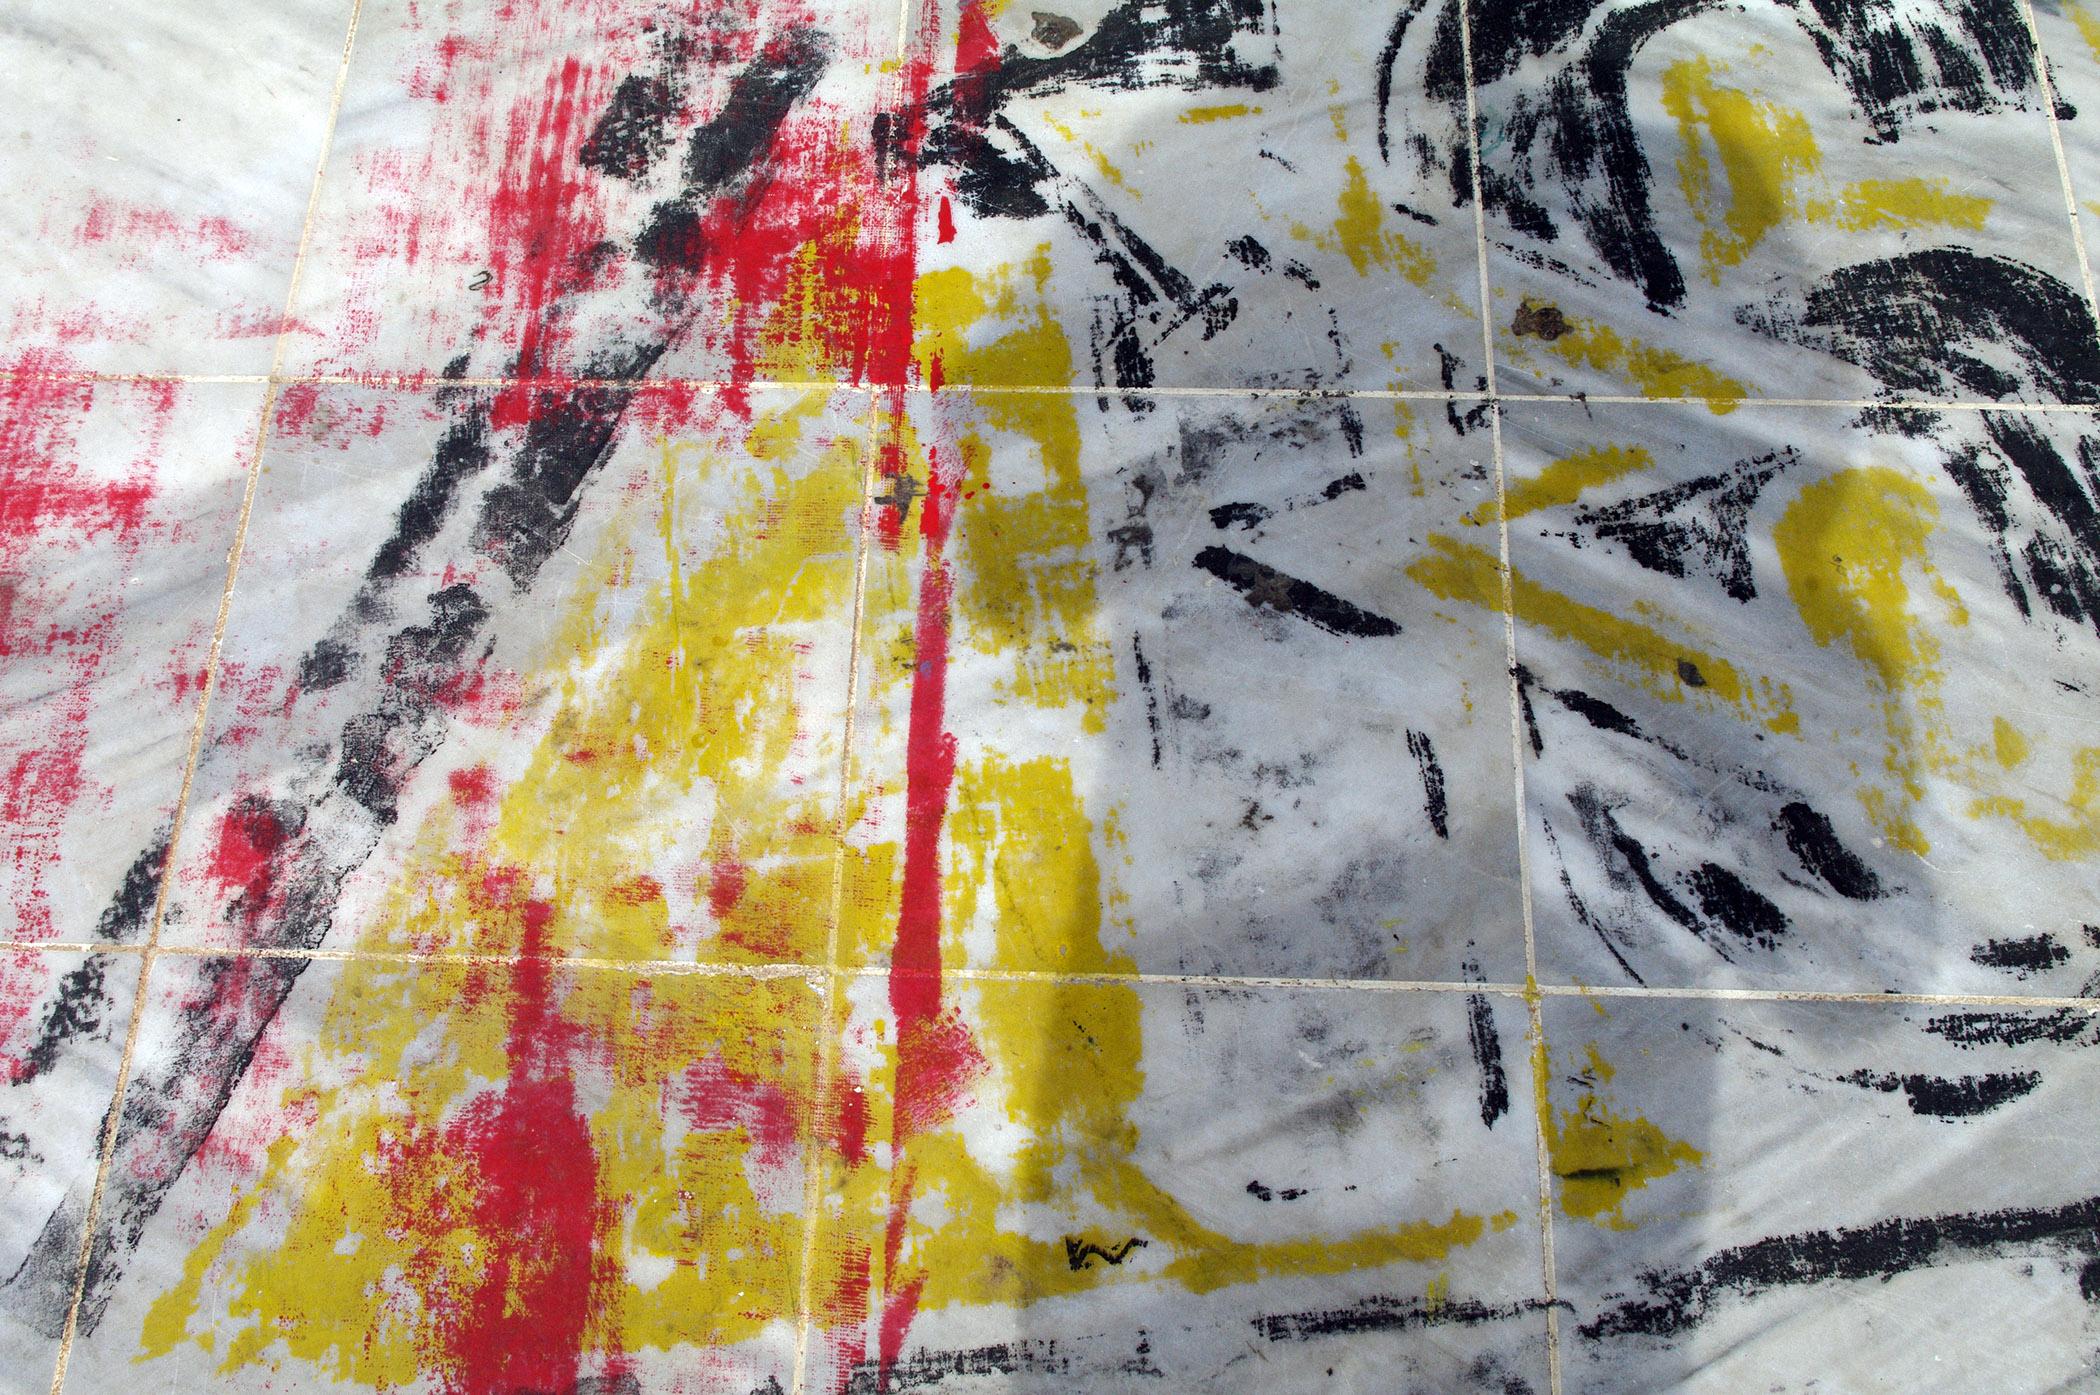 moregraffiti.jpg